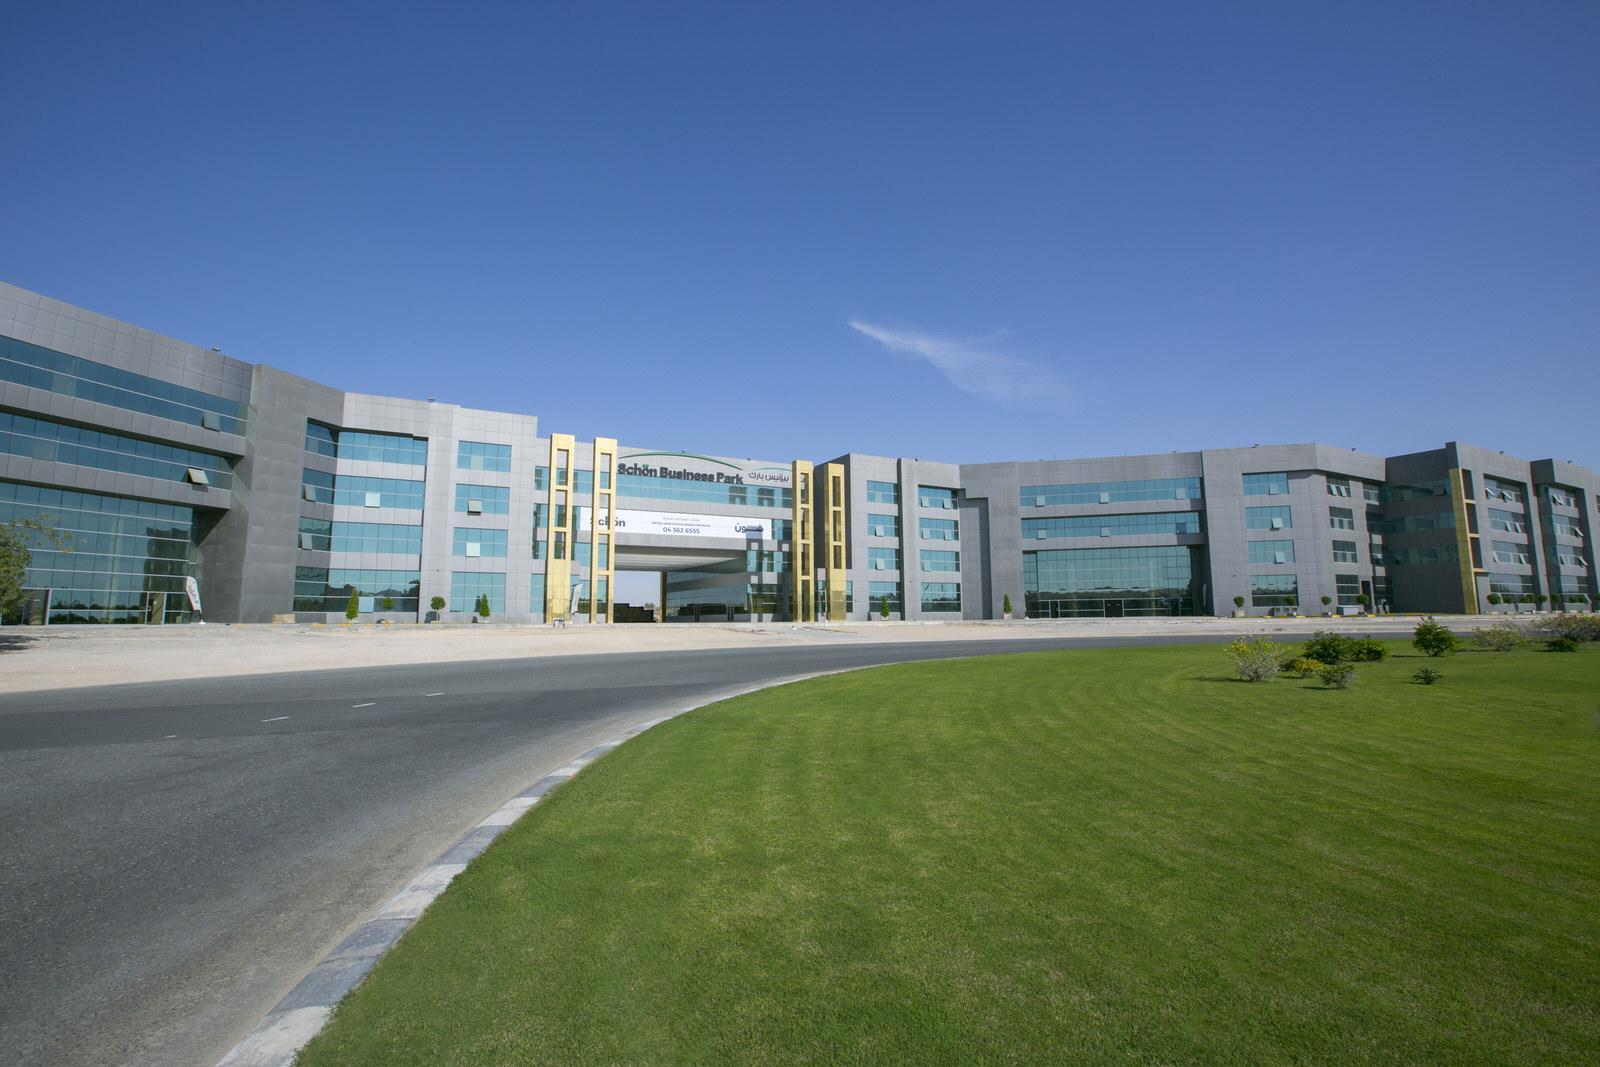 مكاتب ومحلات جاهزة 512257721.jpg